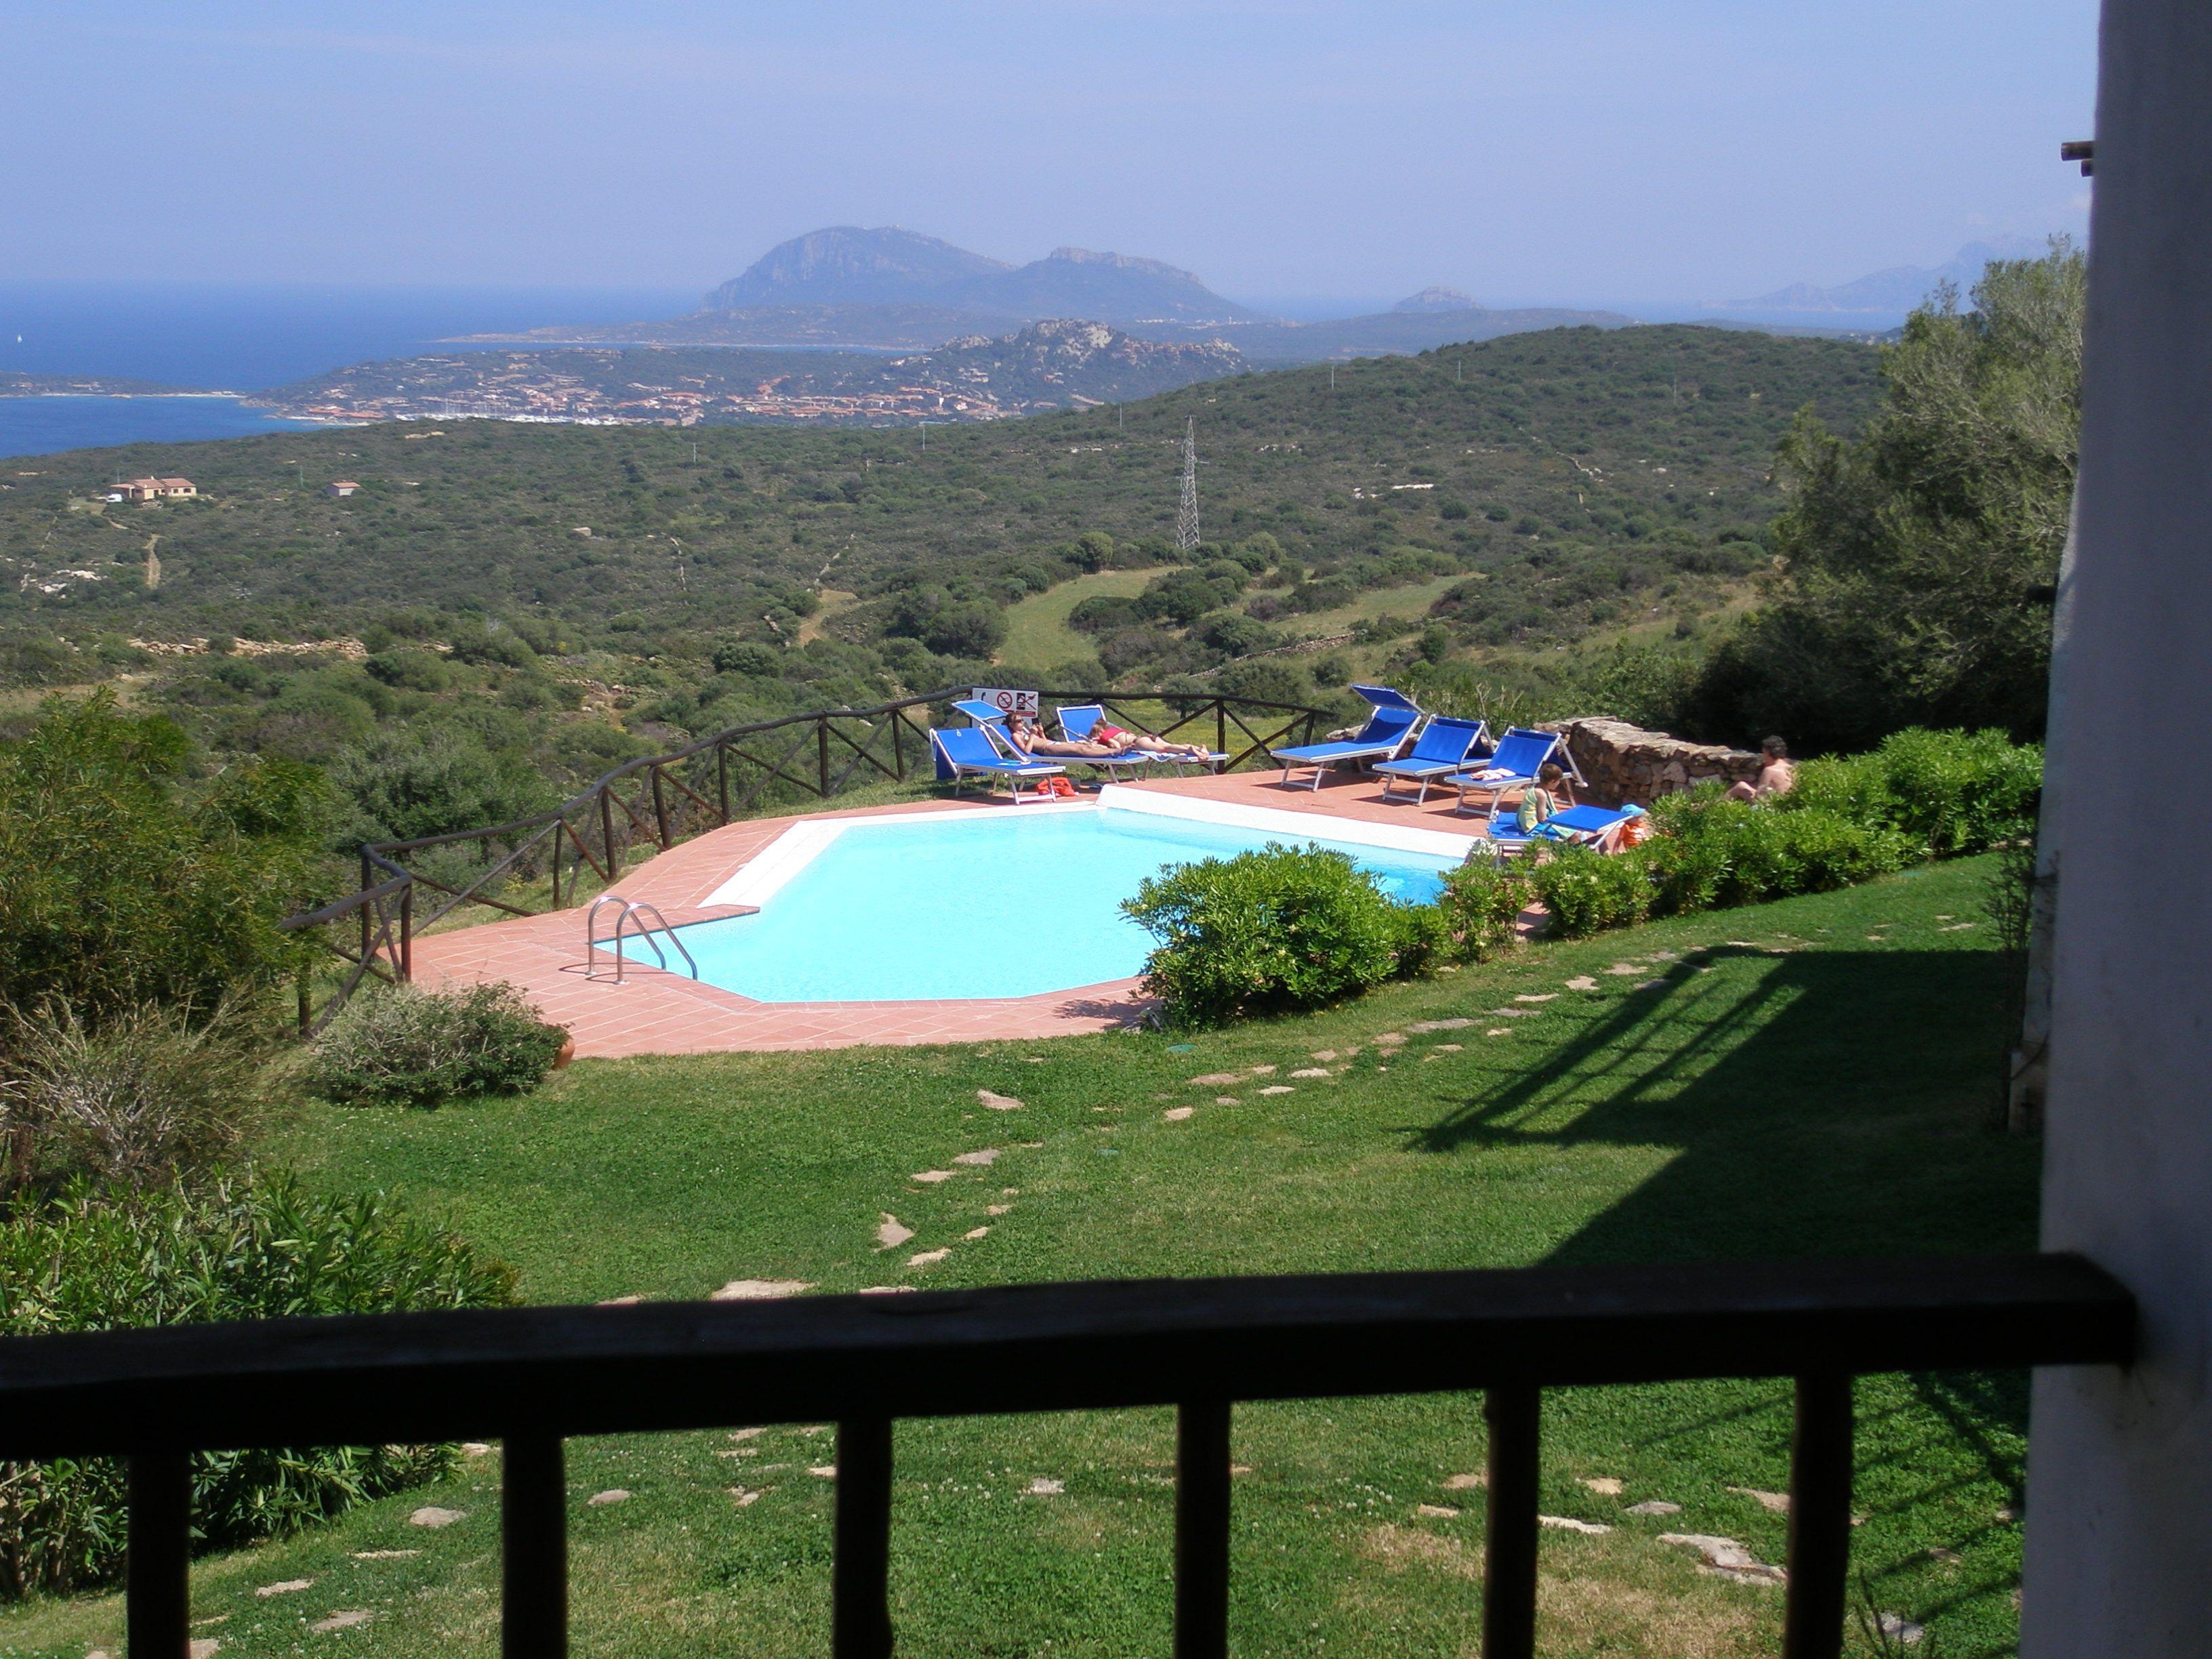 Het zwembad bij de appartementen Rocce Sarde in San Pantaleo